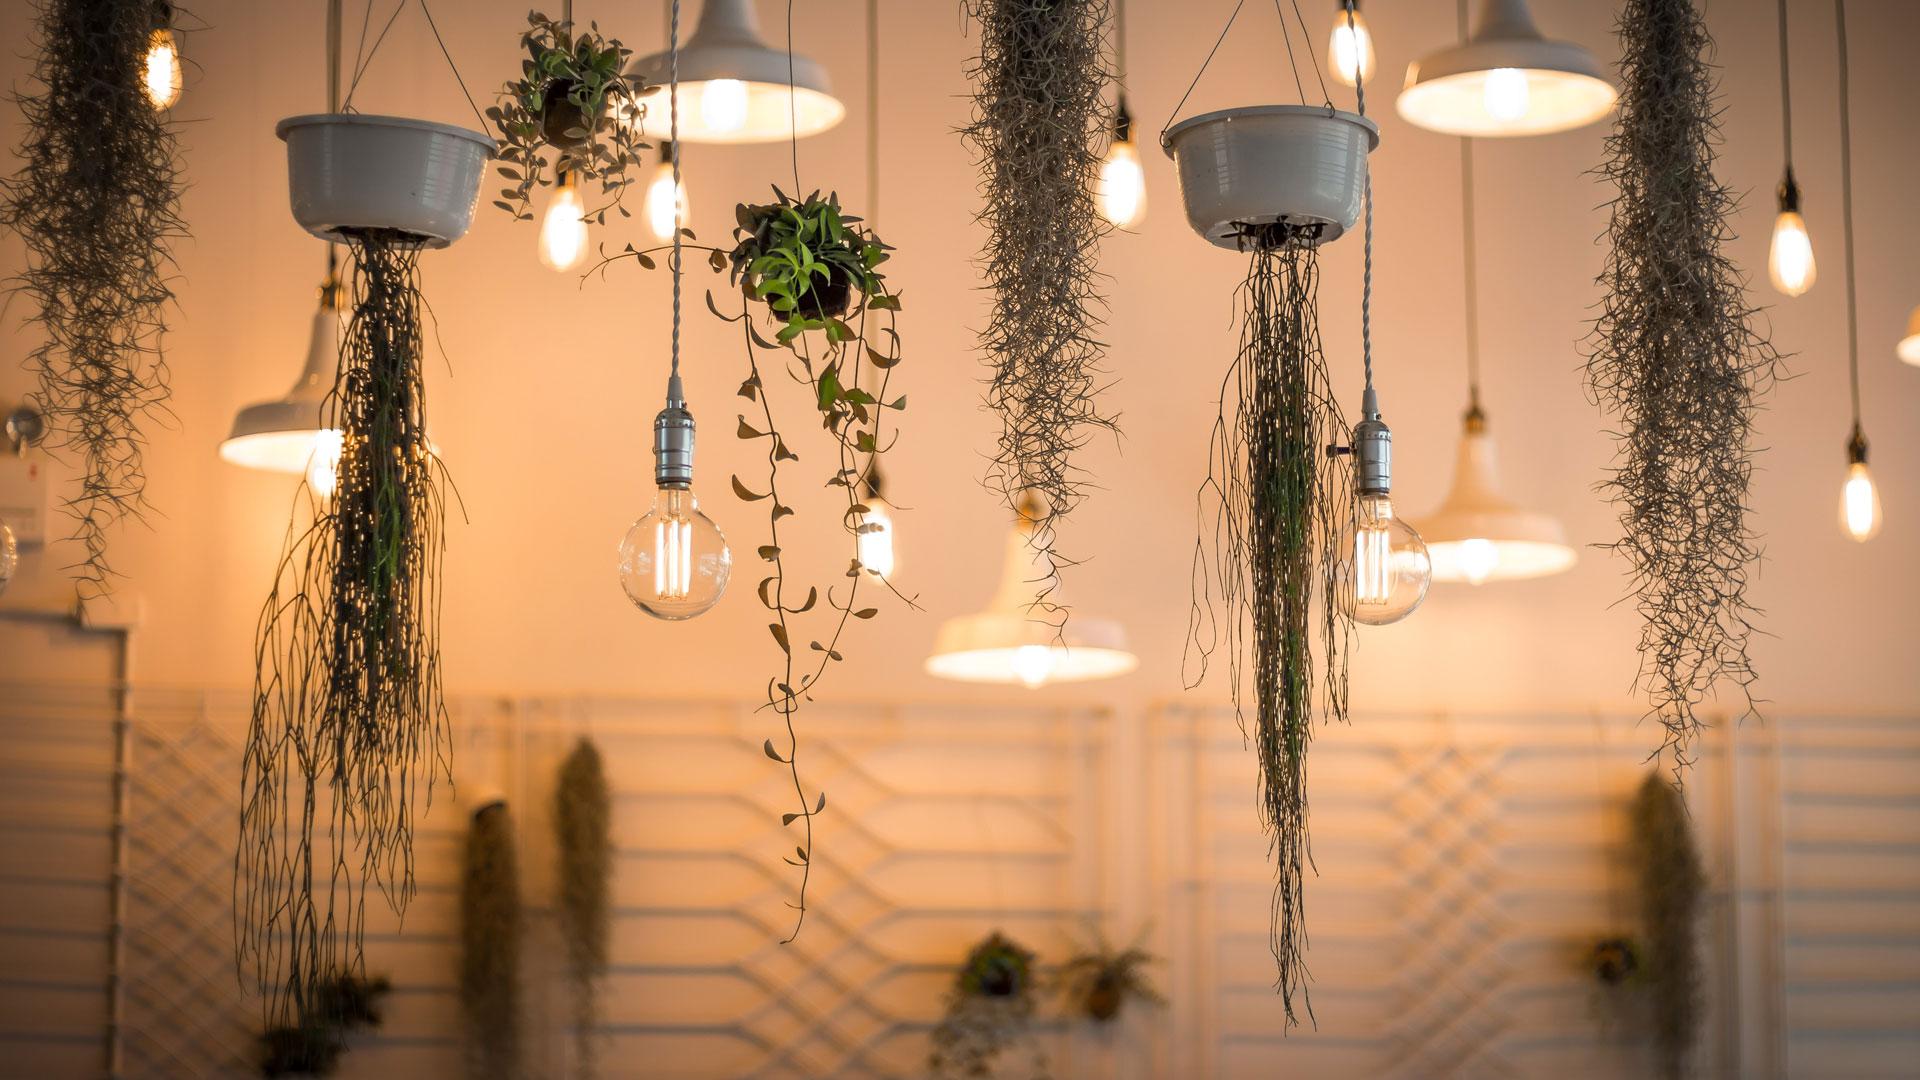 Lampen und Hängepflanzen hängen von der Decke